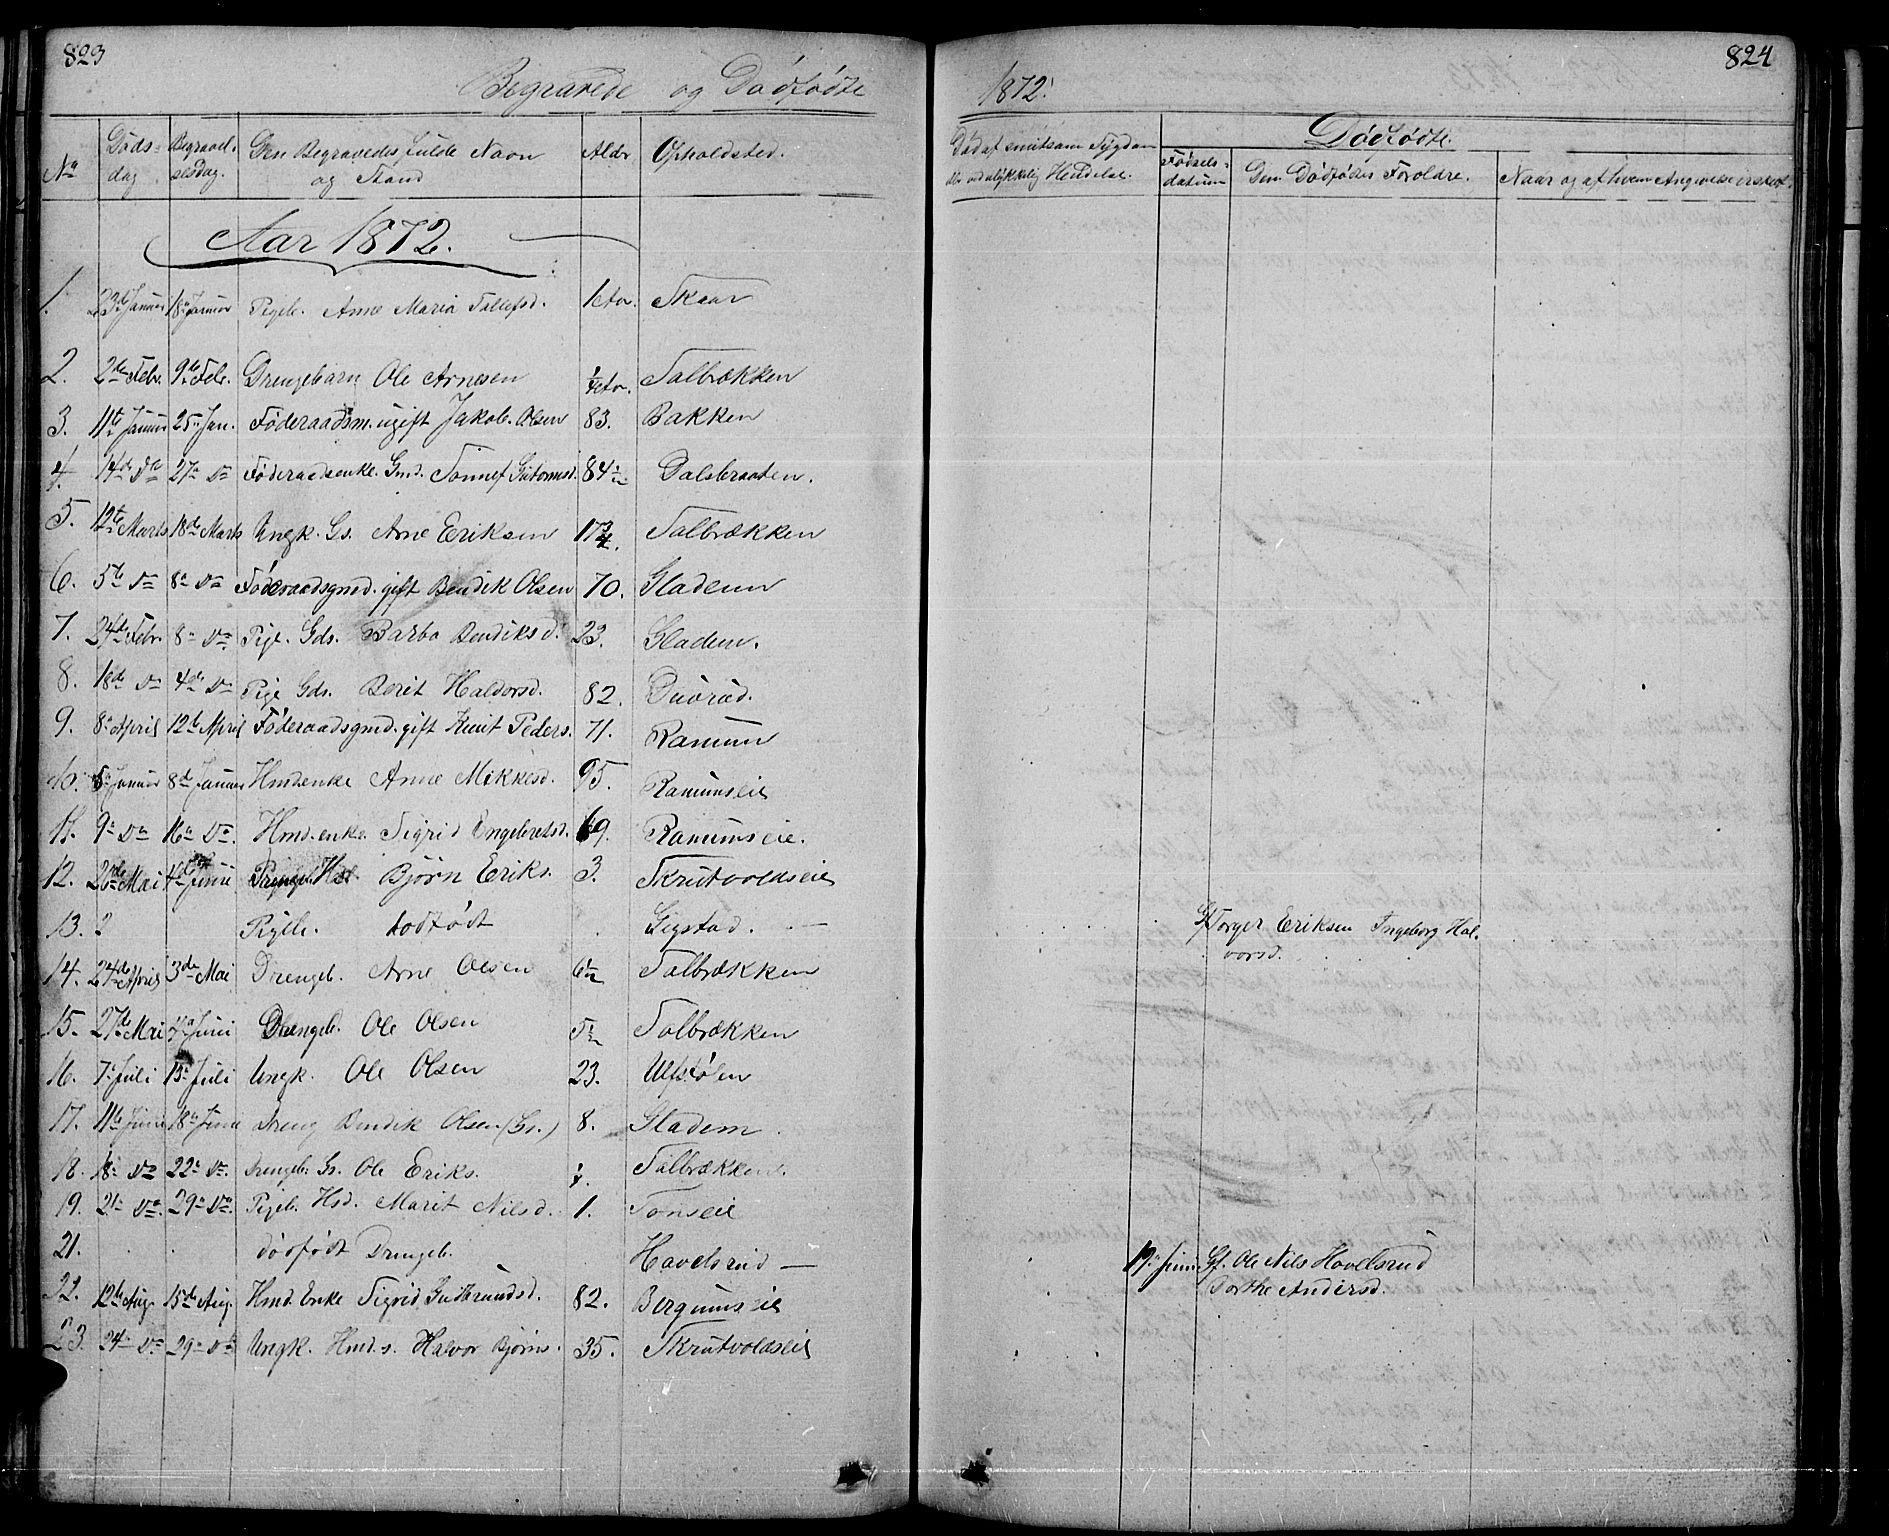 SAH, Nord-Aurdal prestekontor, Klokkerbok nr. 1, 1834-1887, s. 823-824